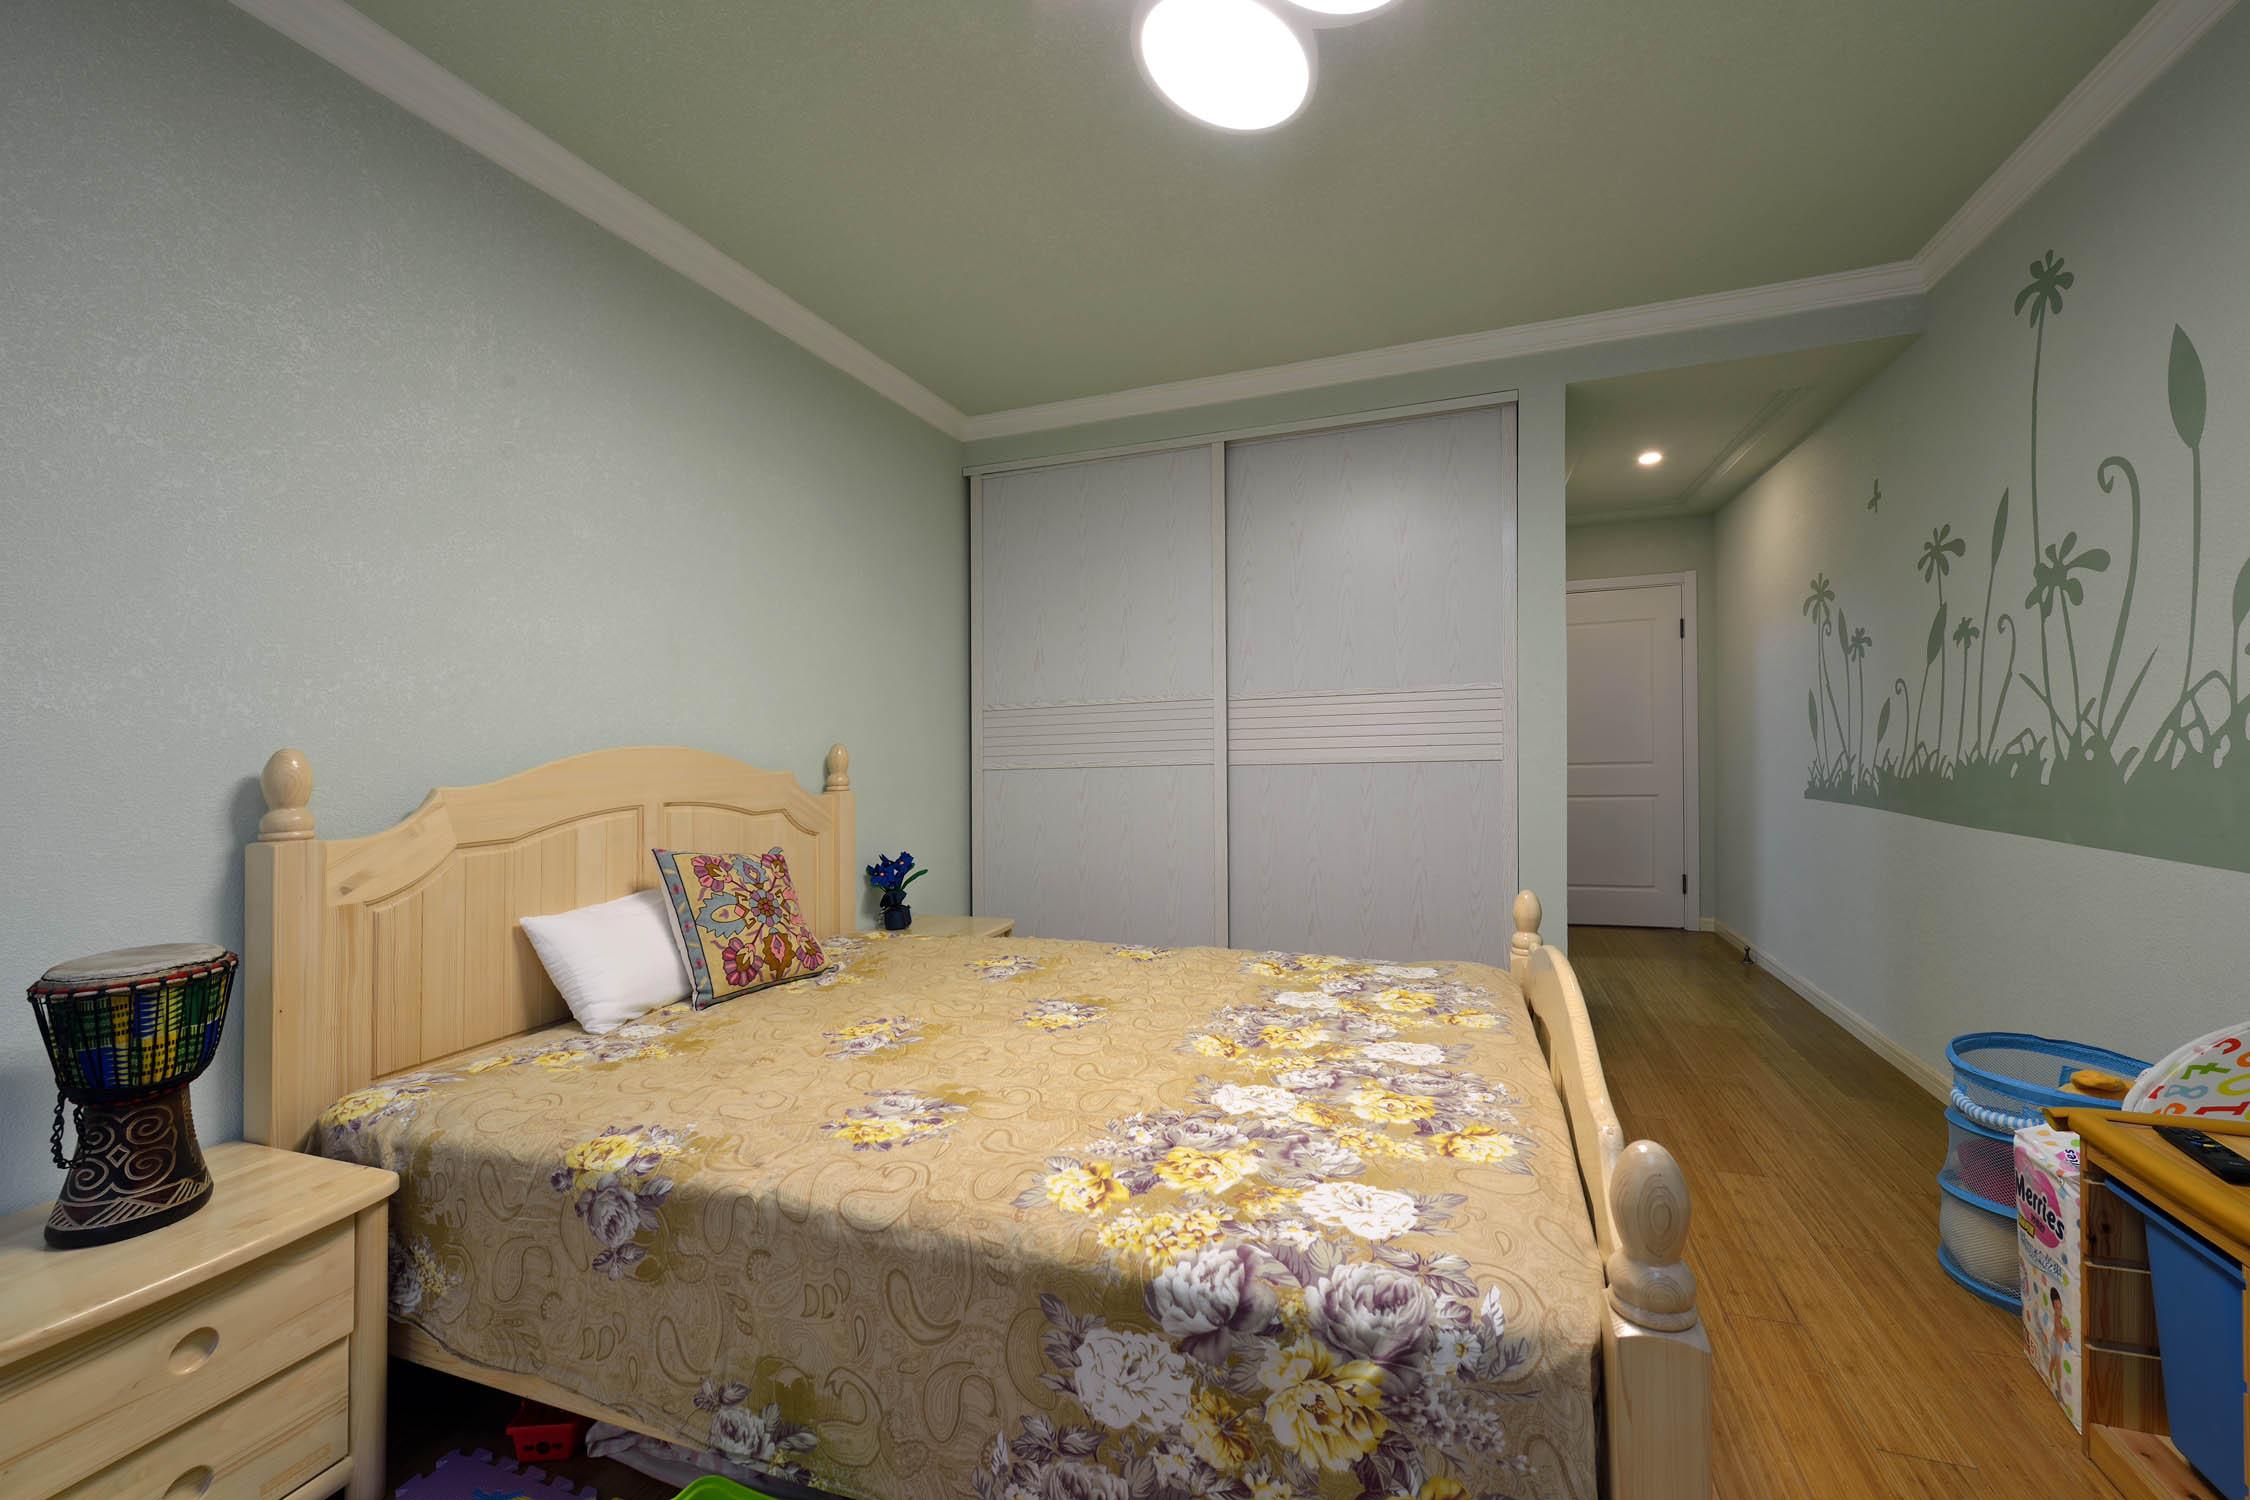 乡村森系美式别墅 卧室背景墙效果图_齐家网装修效果图